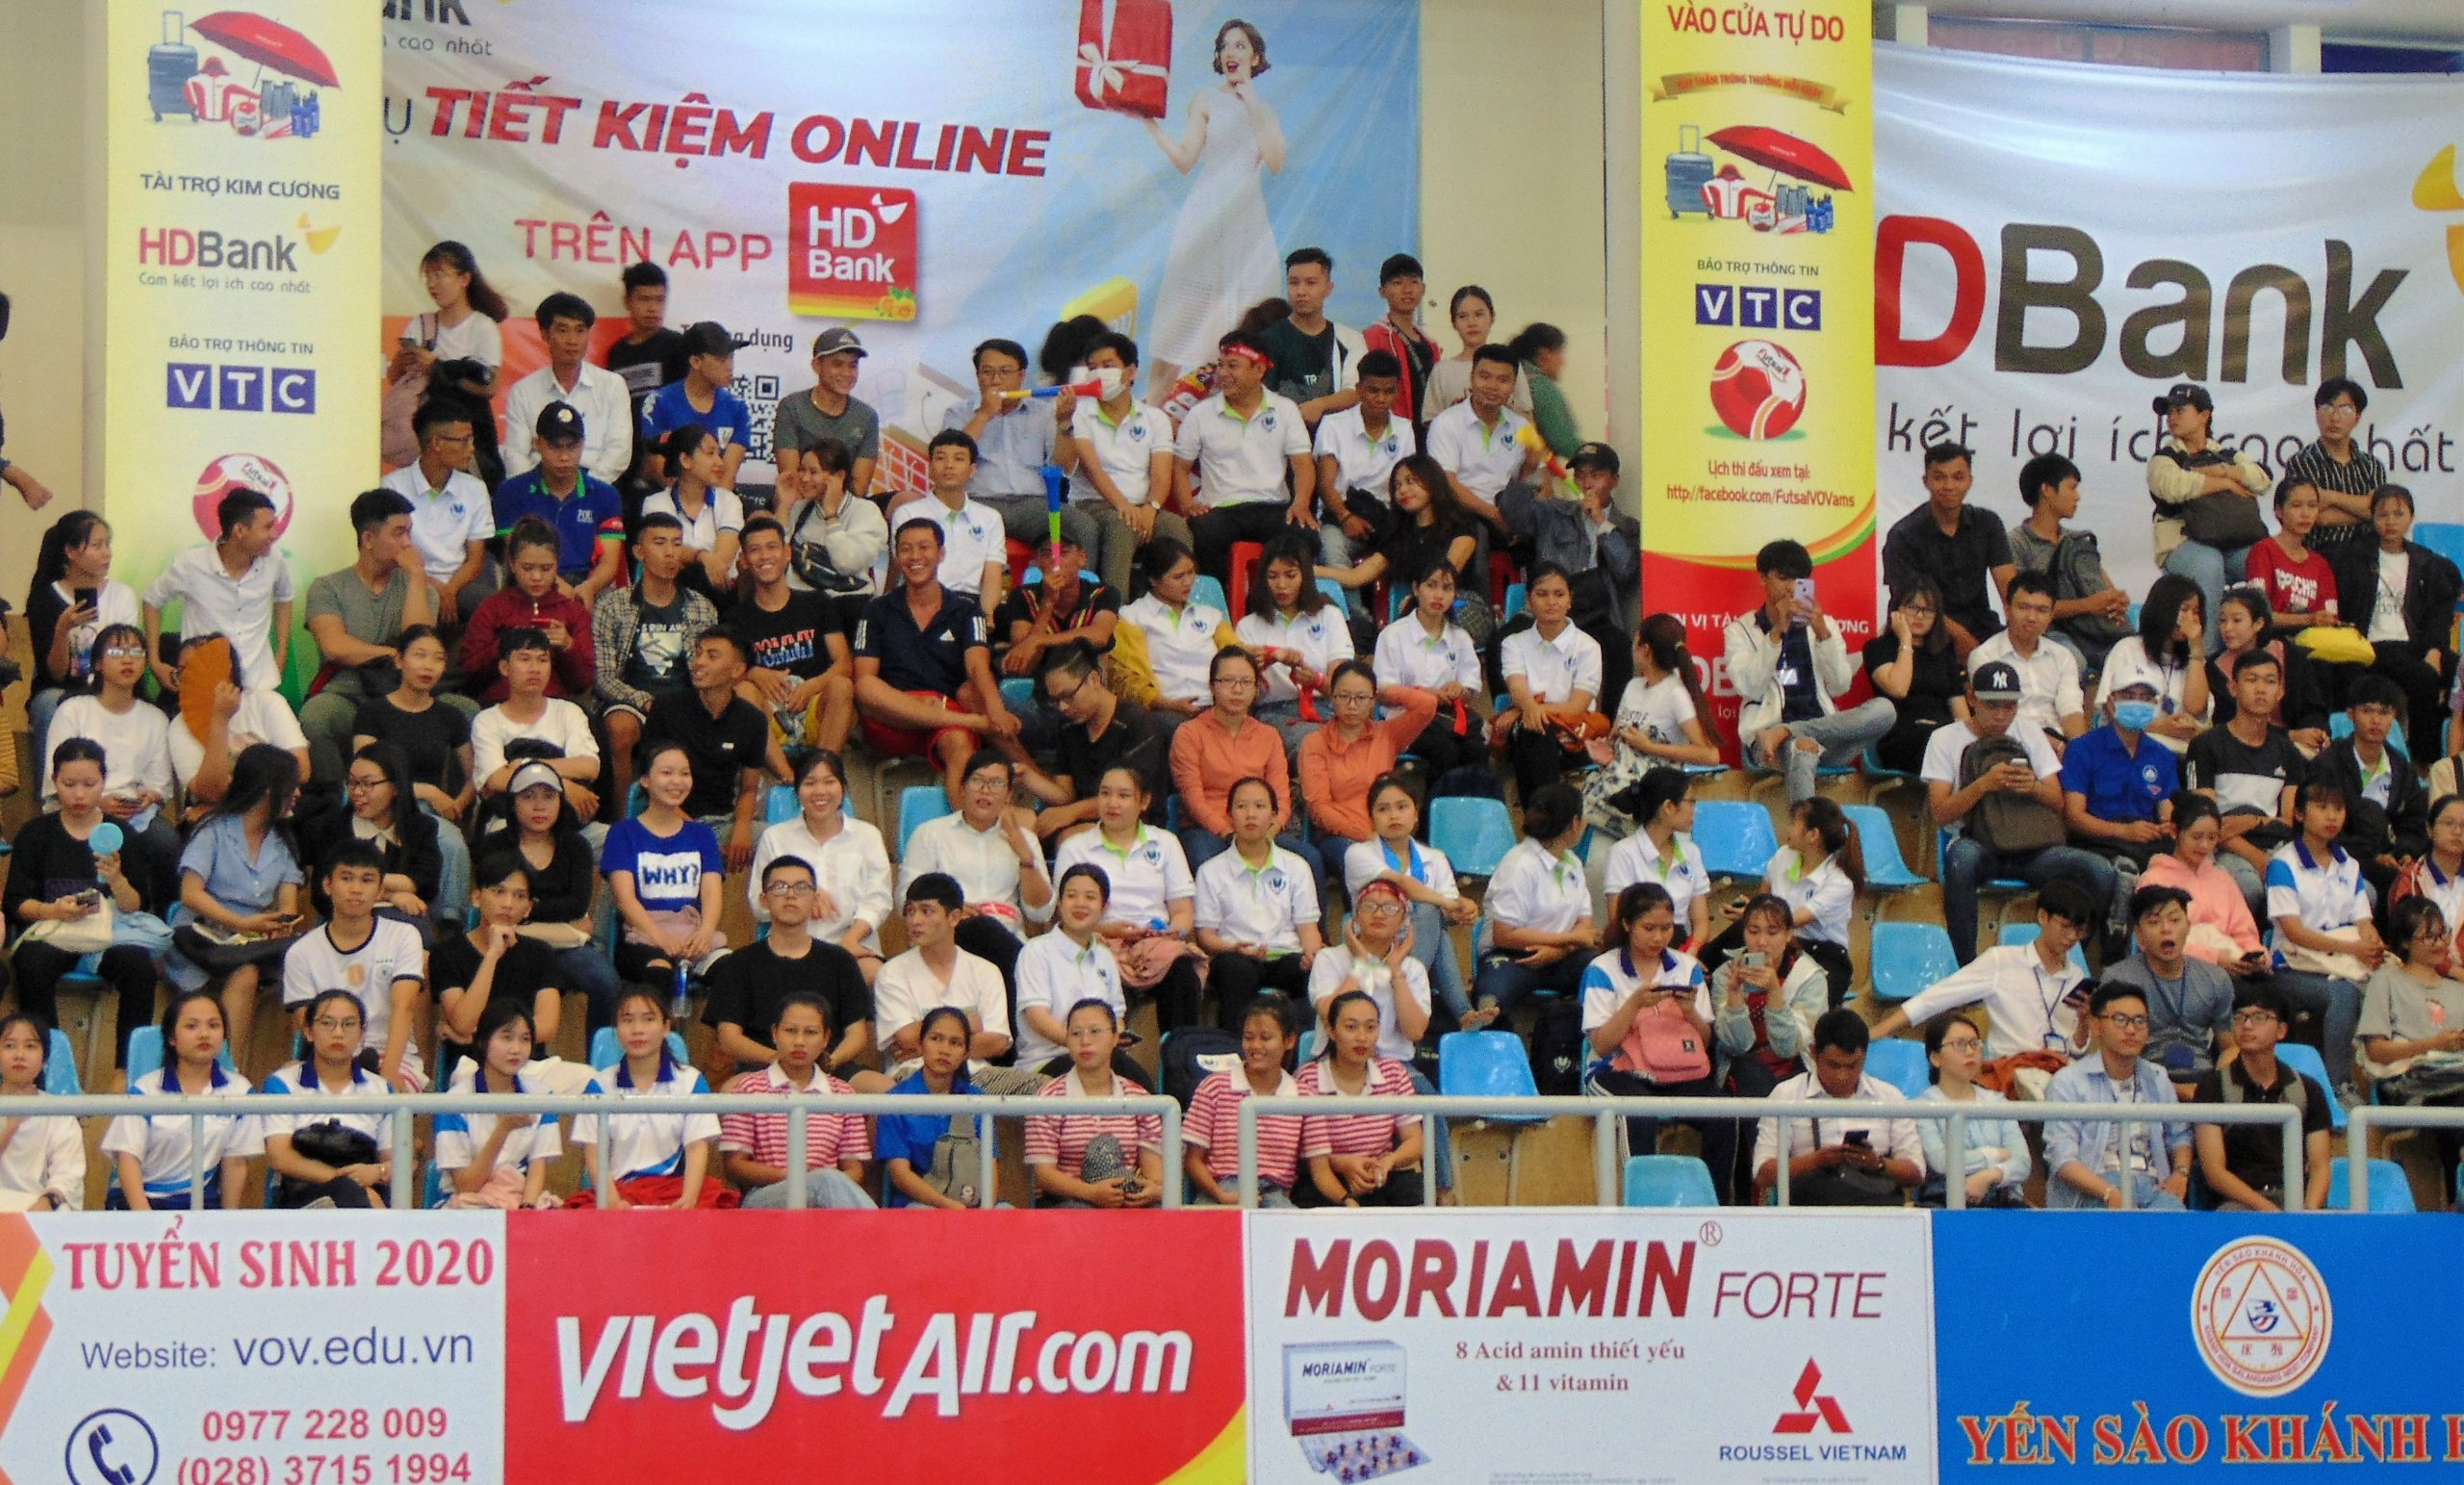 Giải Futsal HDbank SV Nam Trung bộ & Tây Nguyên: Đội tuyển ĐH Thái Bình Dương gặp ĐH Nha Trang: gay cấn và hồi hộp ở loạt sút luân lưu